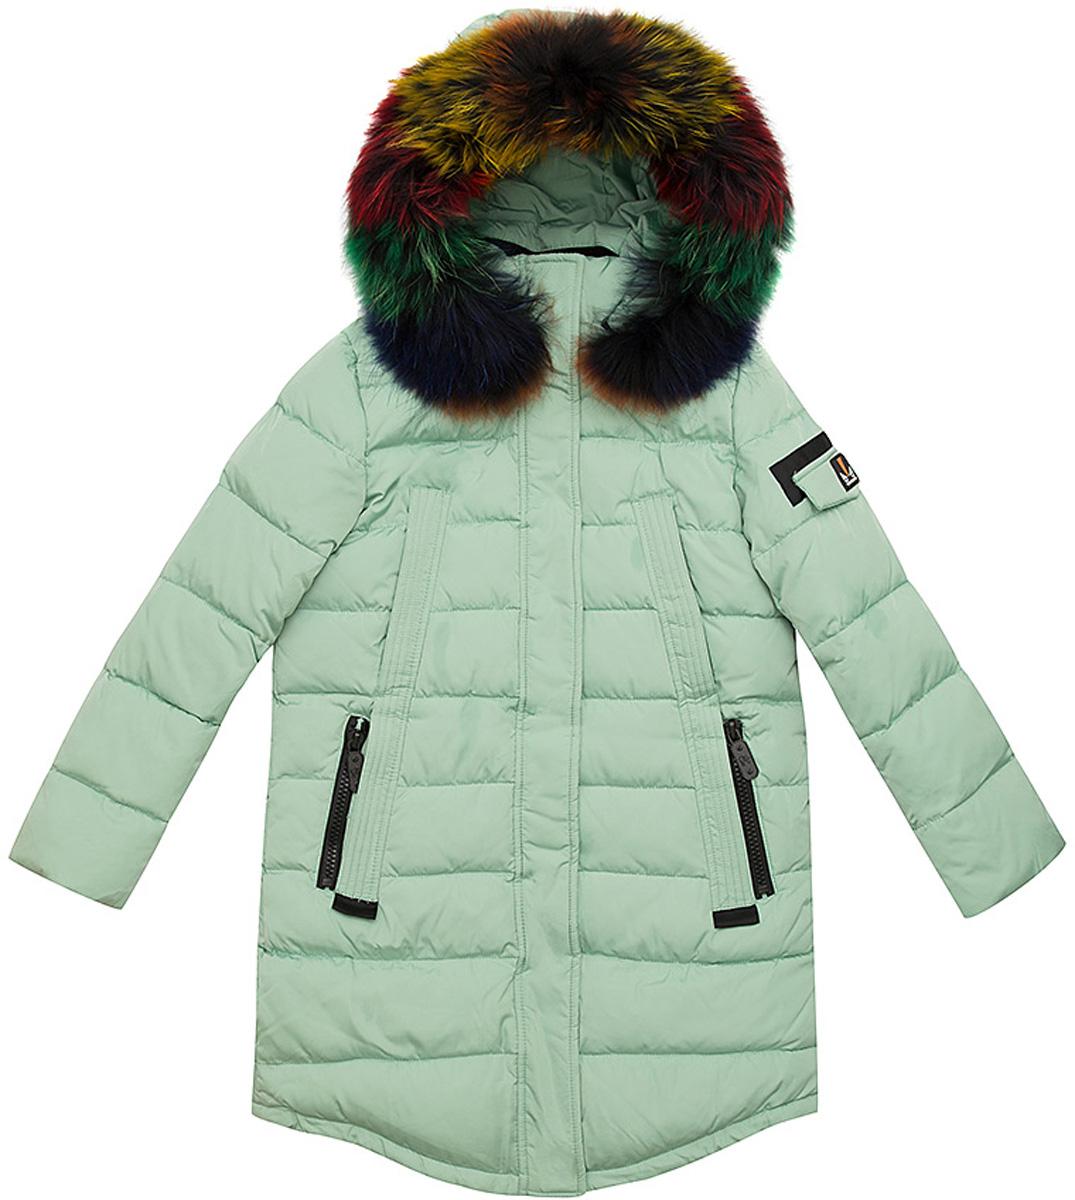 Куртка для девочки Vitacci, цвет: зеленый. 2171457-06. Размер 1502171457-06Удлиненная куртка для девочки Vitacci, изготовленная из полиэстера, станет стильнымдополнением к детскому гардеробу.Подкладка выполнена из полиэстера и дополнительно утеплена флисом по спинке. В качестве утеплителя используется биопух.Модель застегивается на пластиковую застежку-молнию. Имеет ветрозащитную планку и съемный капюшон с отделкой из натурального разноцветного меха.Температурный режим от -10 до -25 градусов.Теплая, удобная и практичная куртка идеально подойдет юной моднице для прогулок!